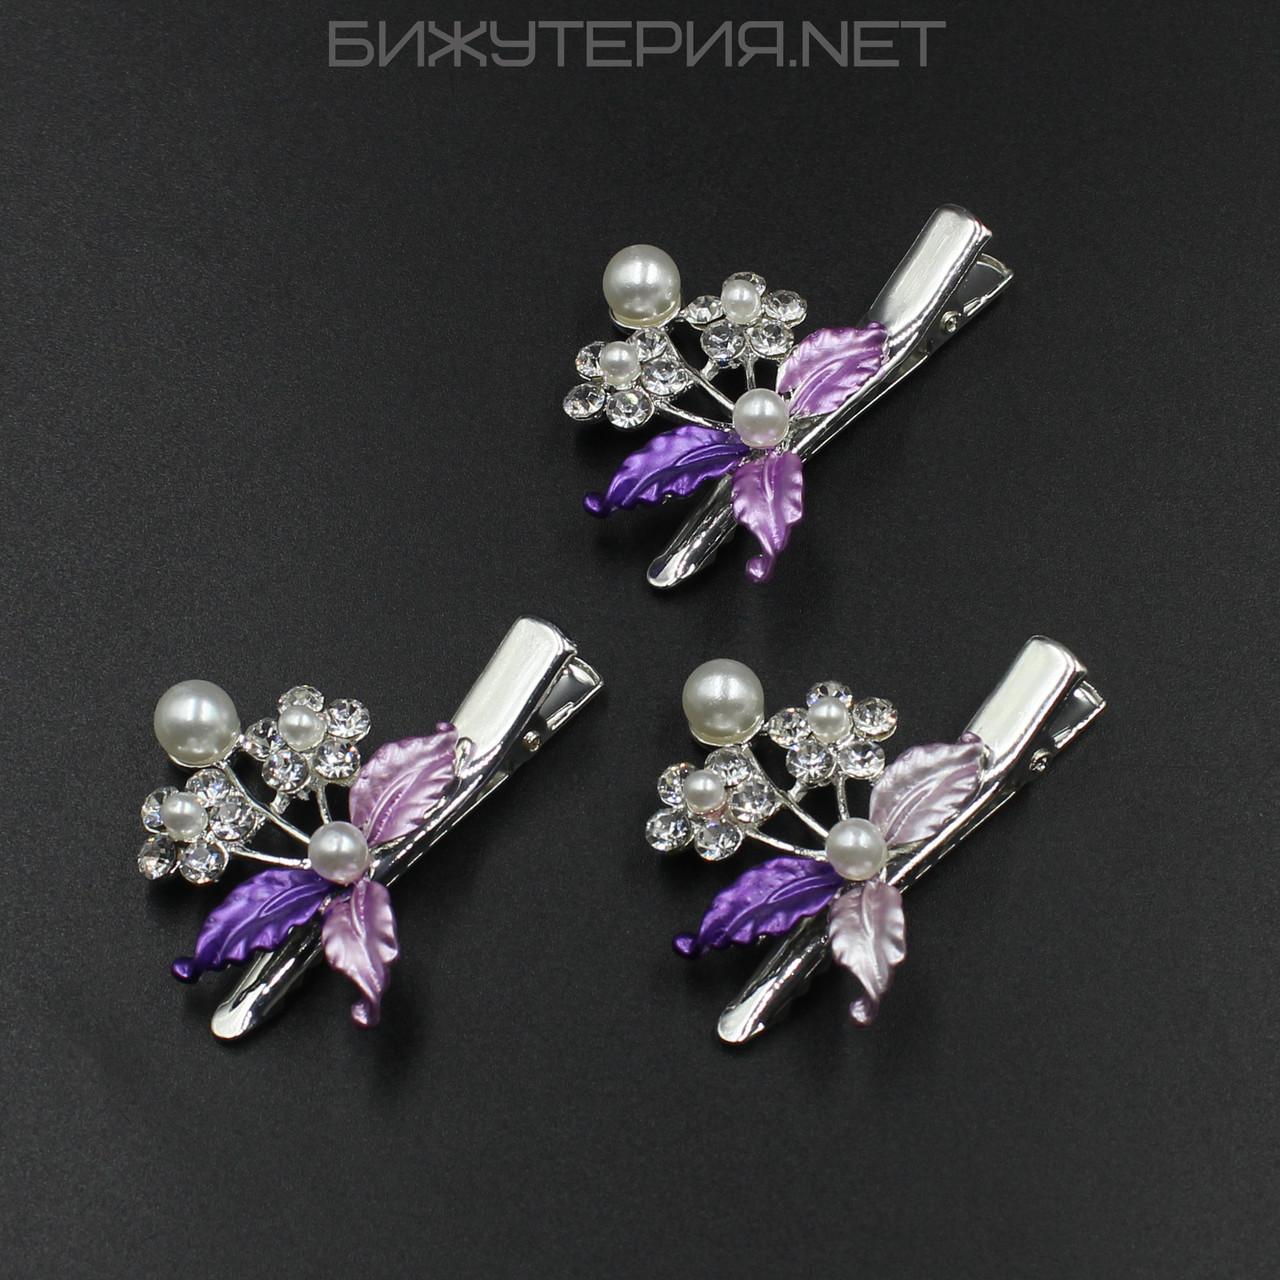 Заколка зажим для волос 3 шт JB, сиреневая эмаль цвет металла Silver - 1045320926